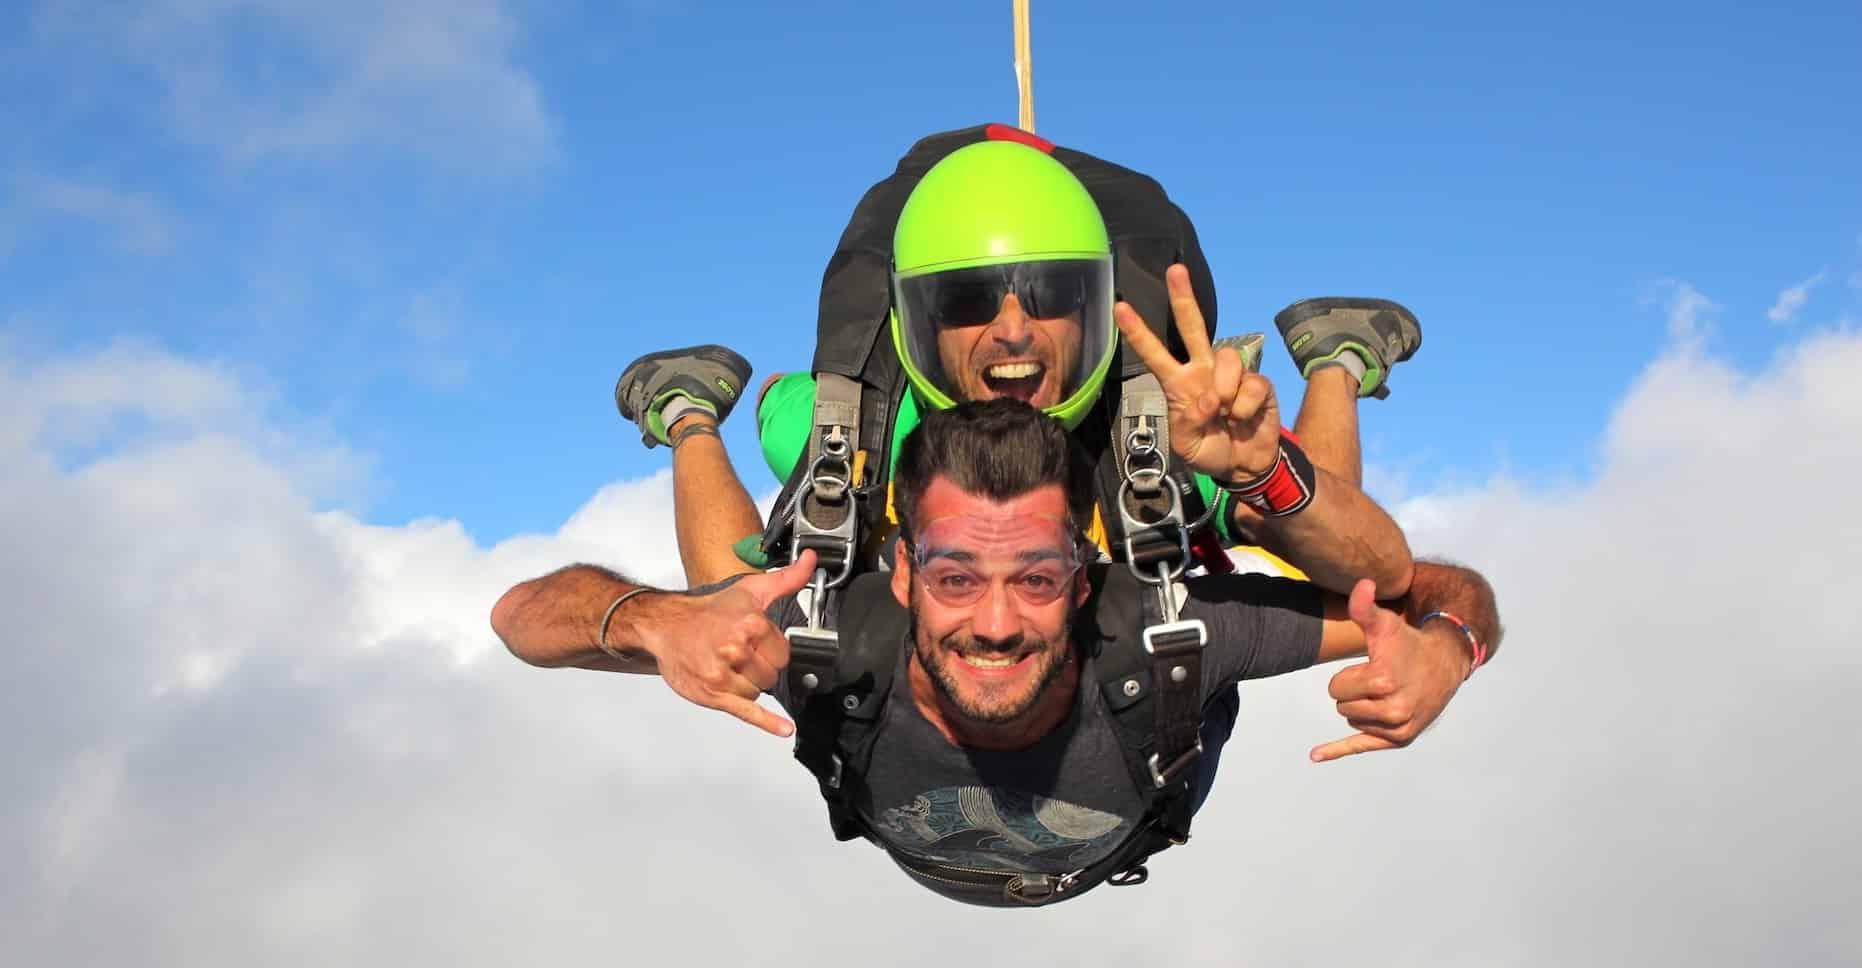 Saut en parachute pour un Enterrement de Vie de Garçon en tandem